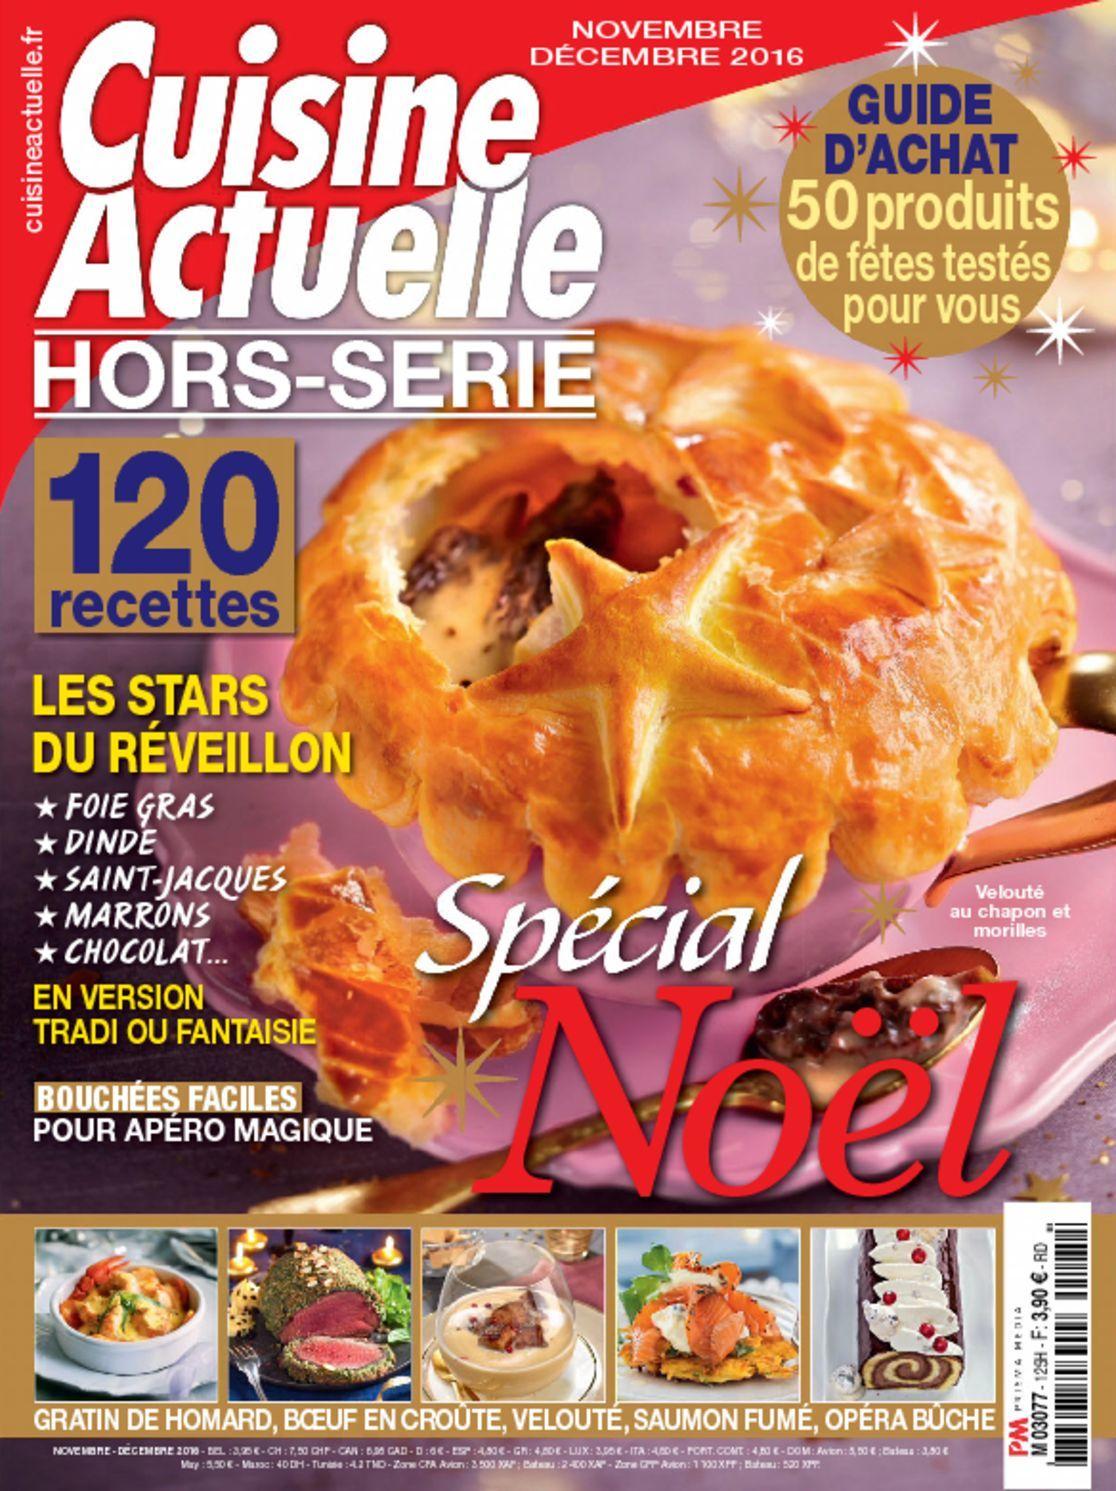 Cuisine actuelle hors s rie digital magazine for Cuisine actuelle